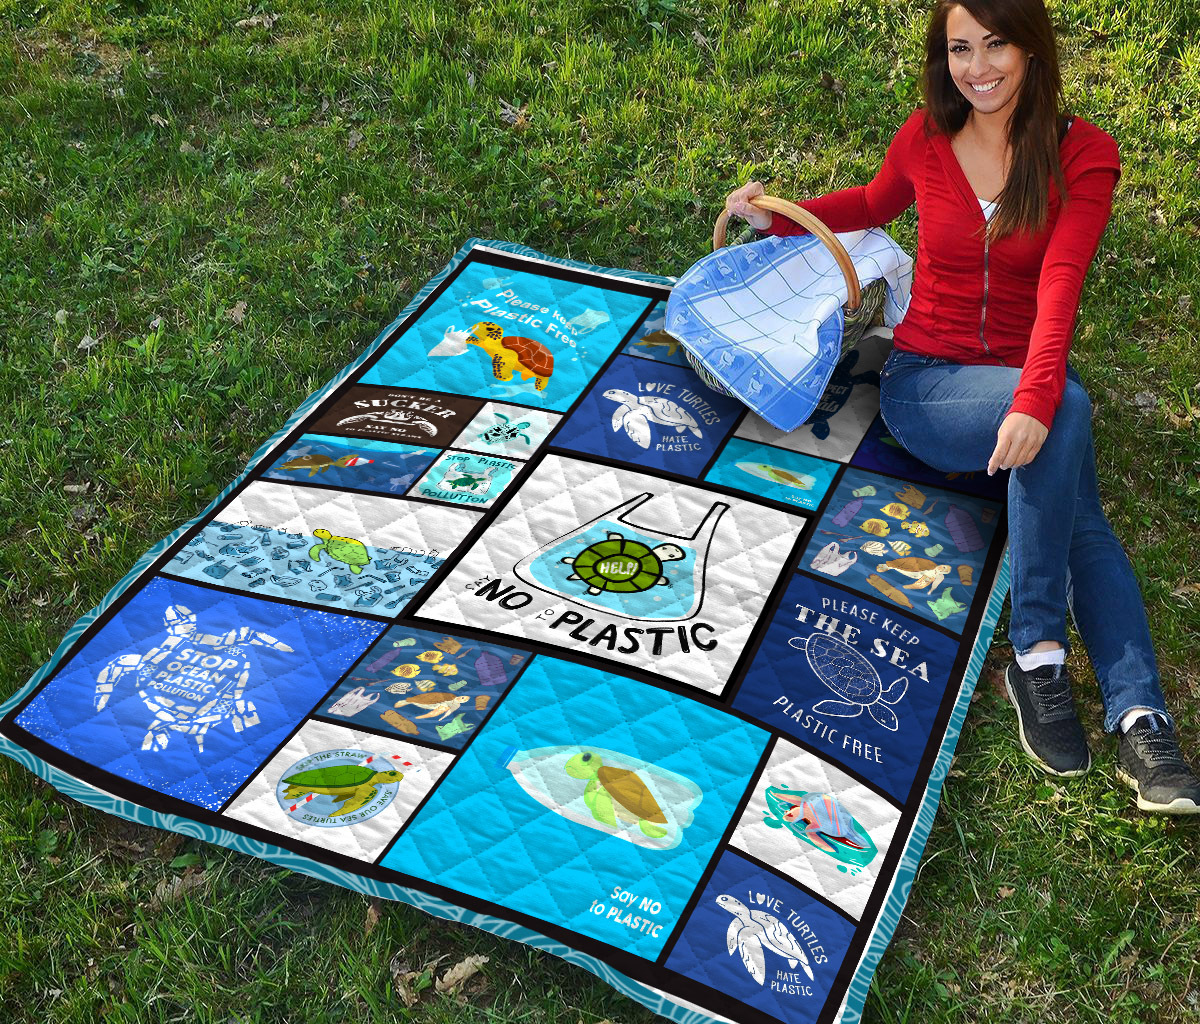 No plastic save turtles quilt - maria